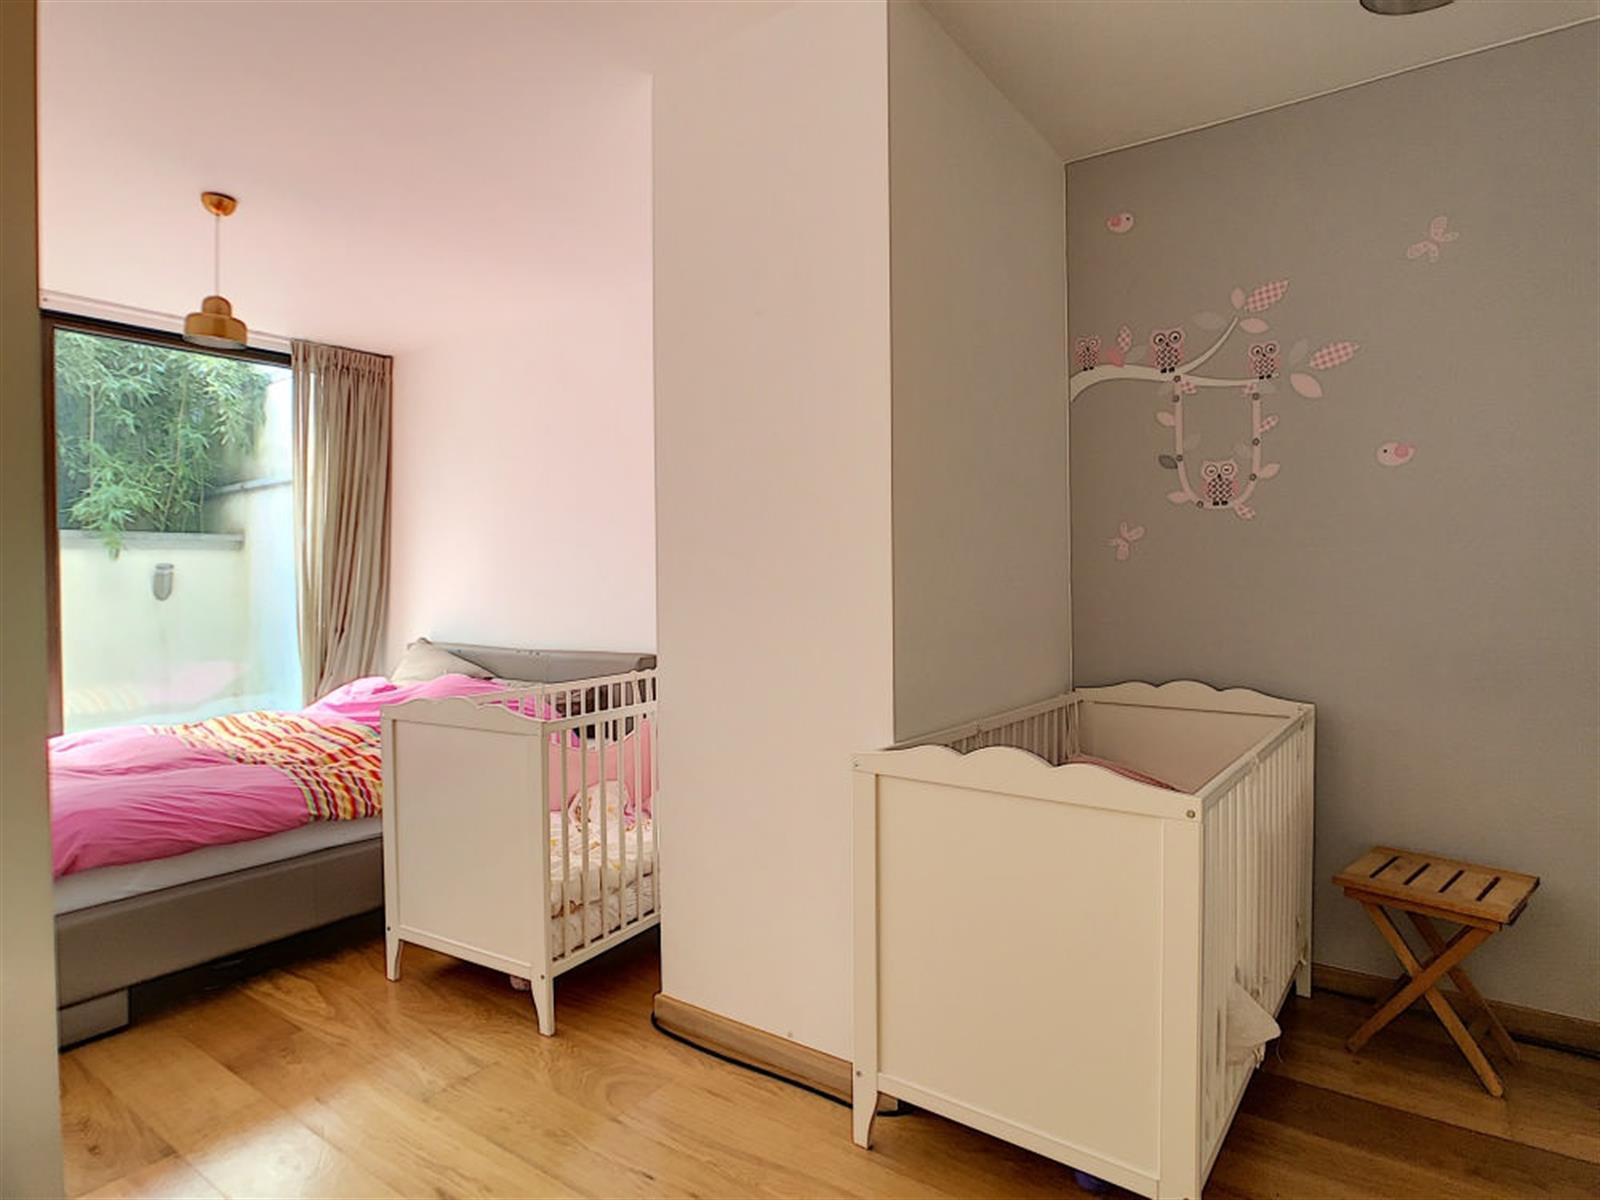 Duplex - Ixelles - #4402680-19